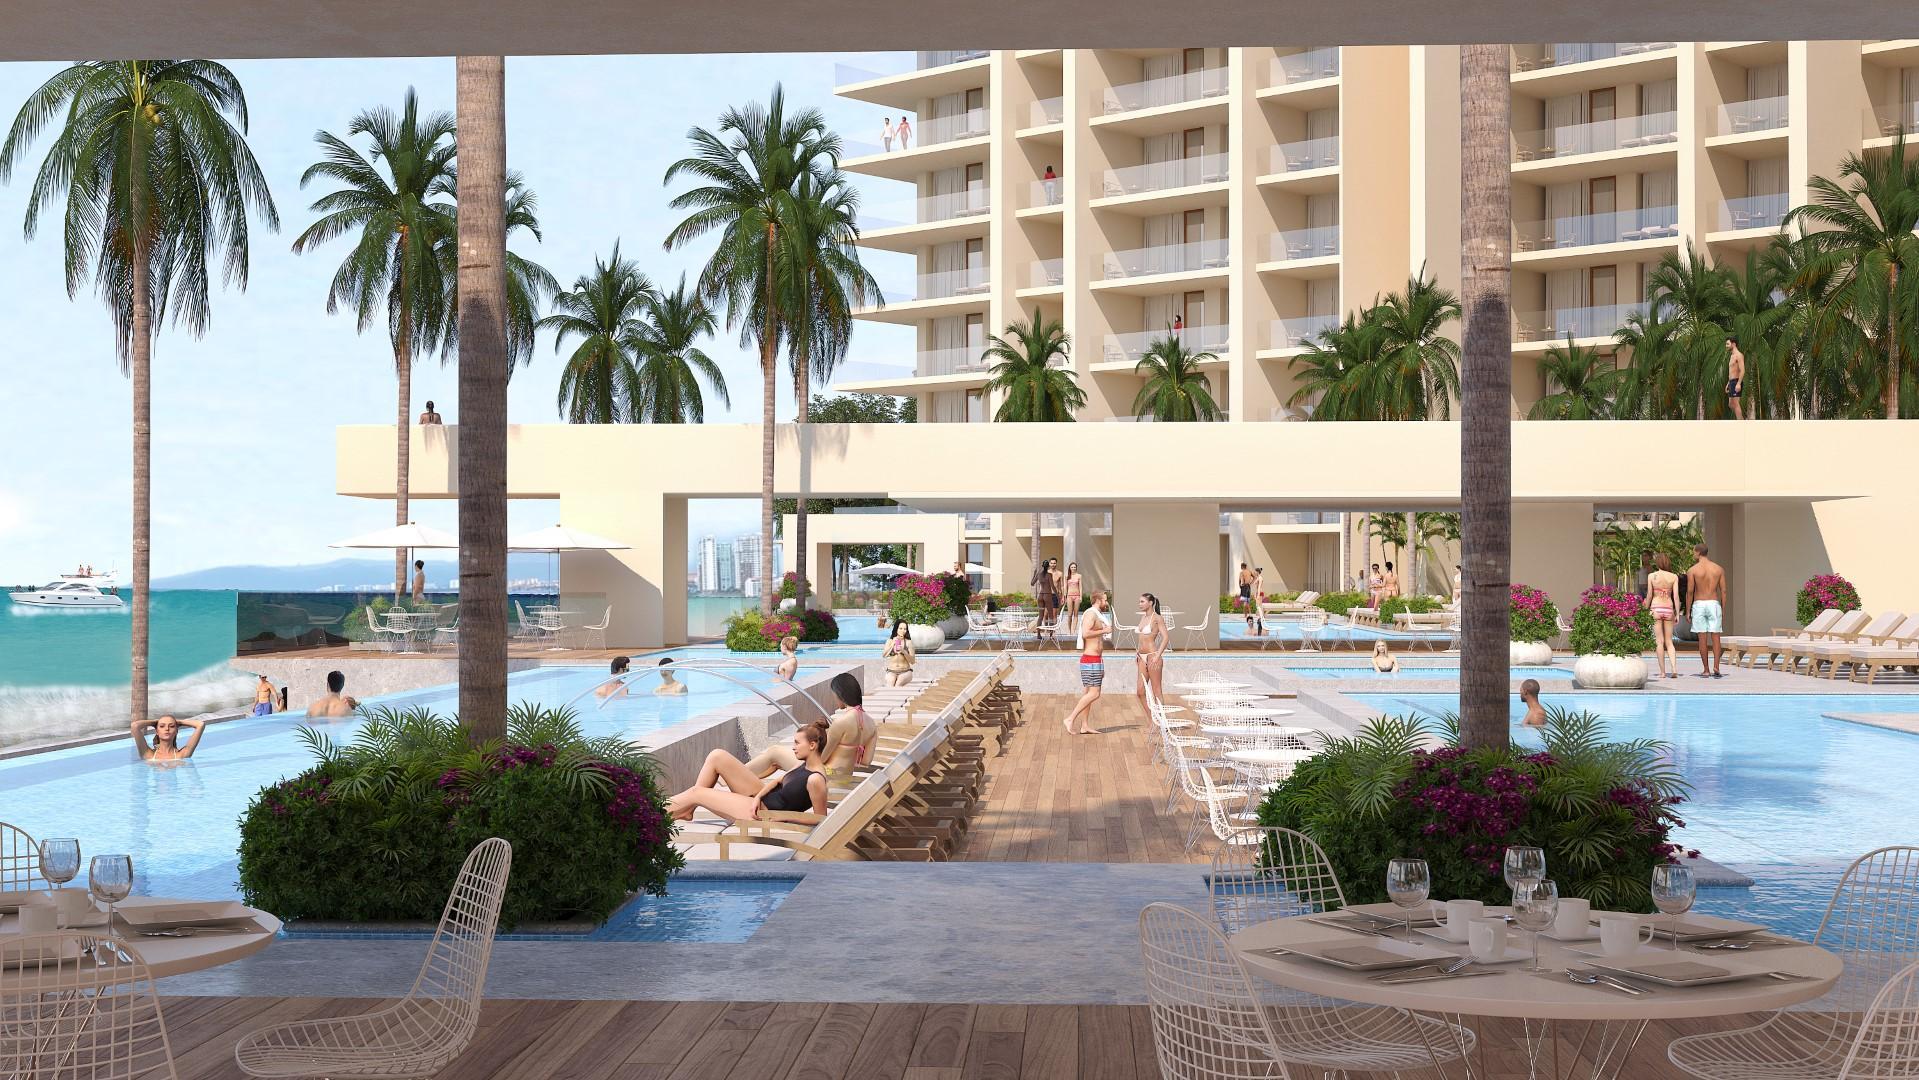 Hotel Zone, 2 Bedrooms Bedrooms, ,2 BathroomsBathrooms,Condo,For Sale,Febronio Uribe,22215